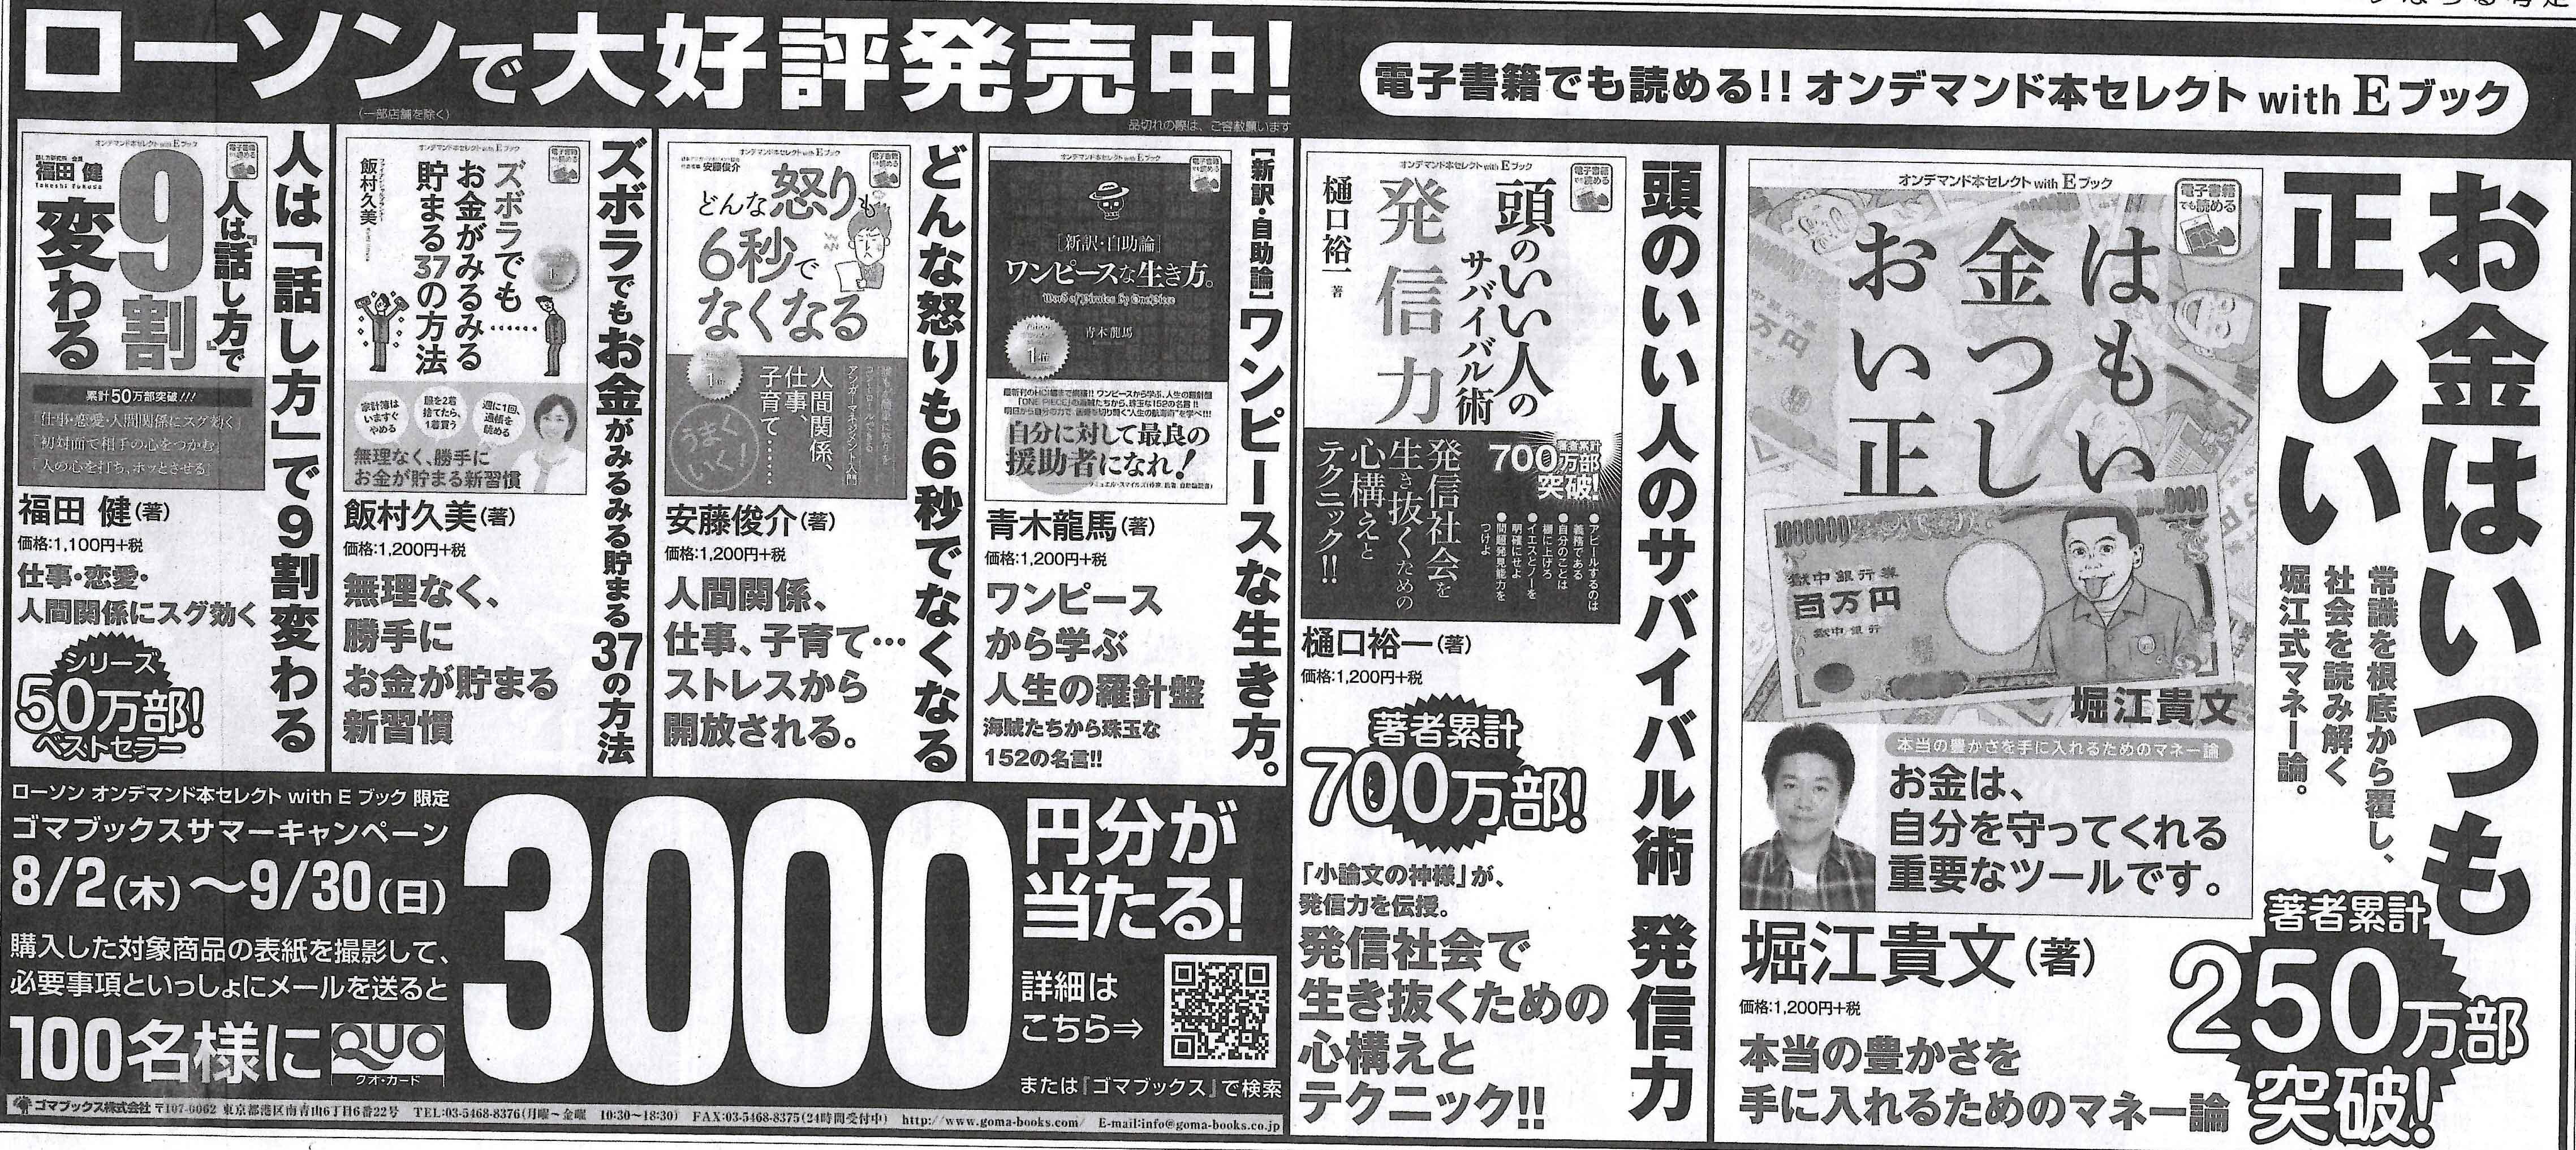 8月9日朝日新聞4面全五段広告